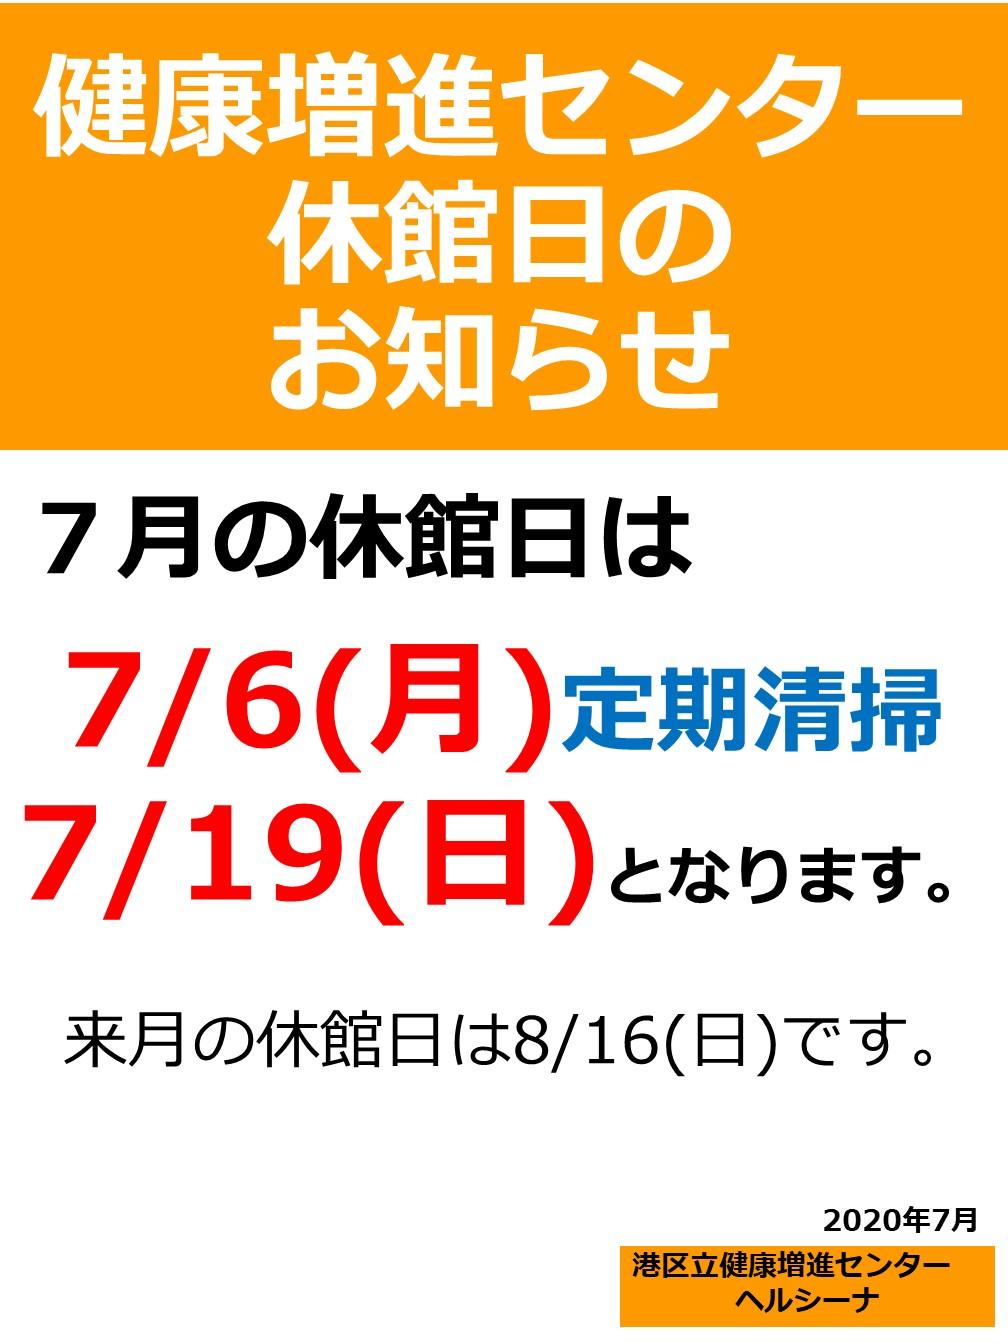 (掲示)(施設)休館日のおしらせ202007.jpg